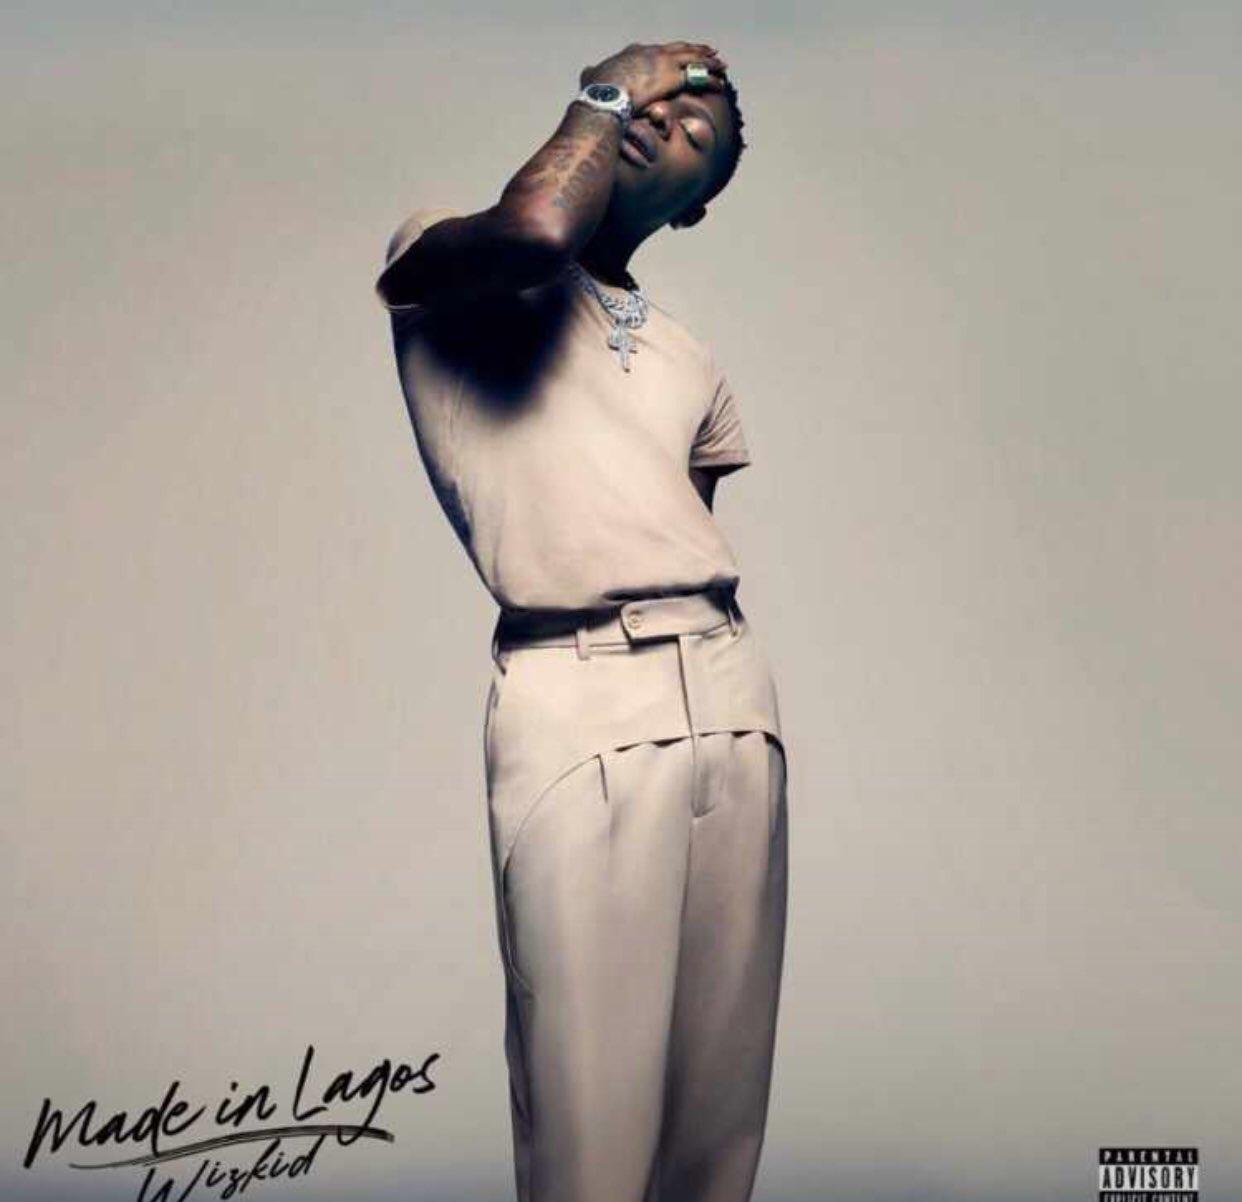 Made in Lagos album artwork